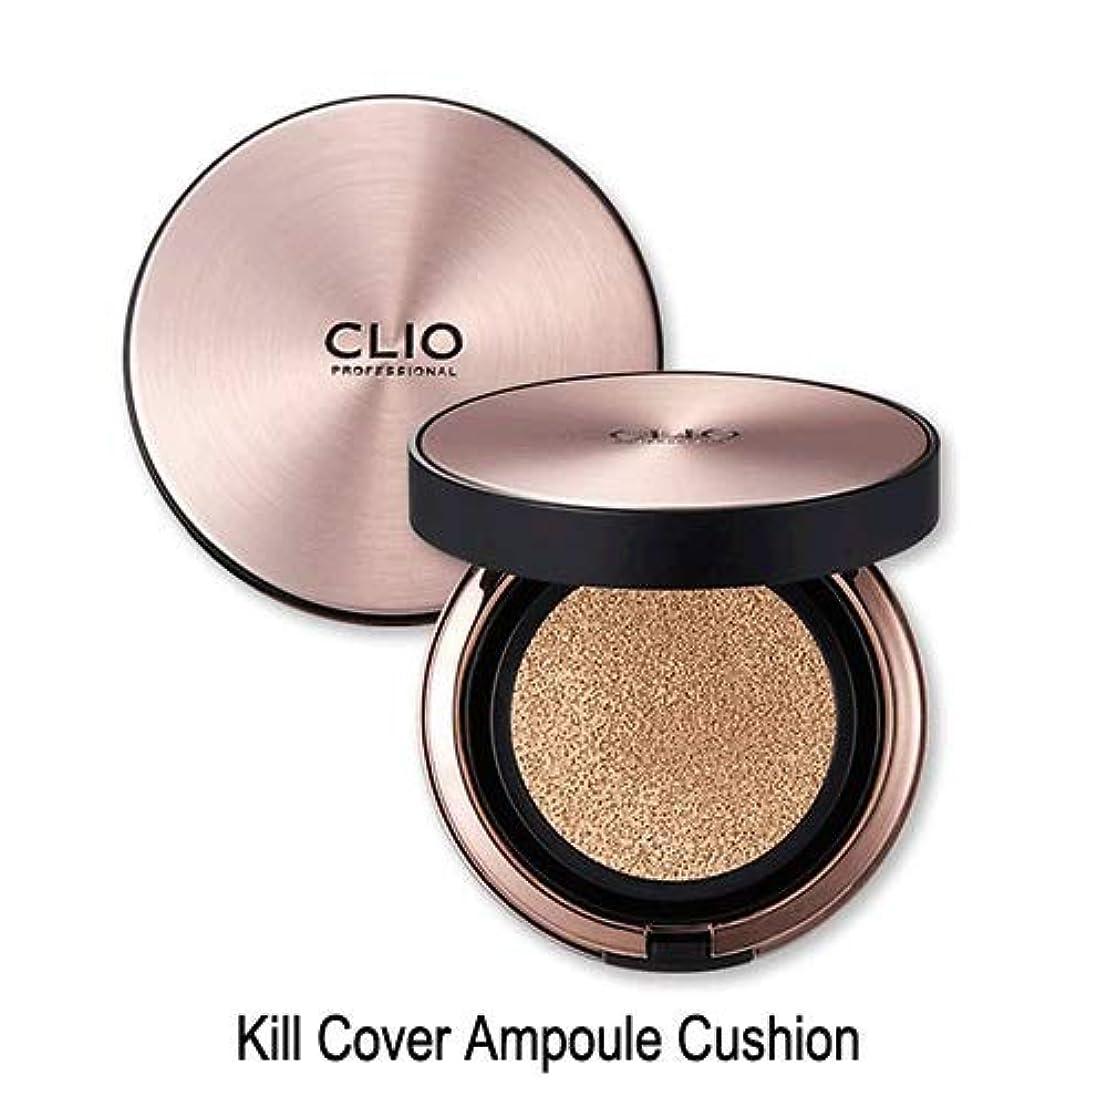 消化器セクタ中にキルカバー アンプル クッション(Kill Cover Ampoule Cushion) 2ランジェリー